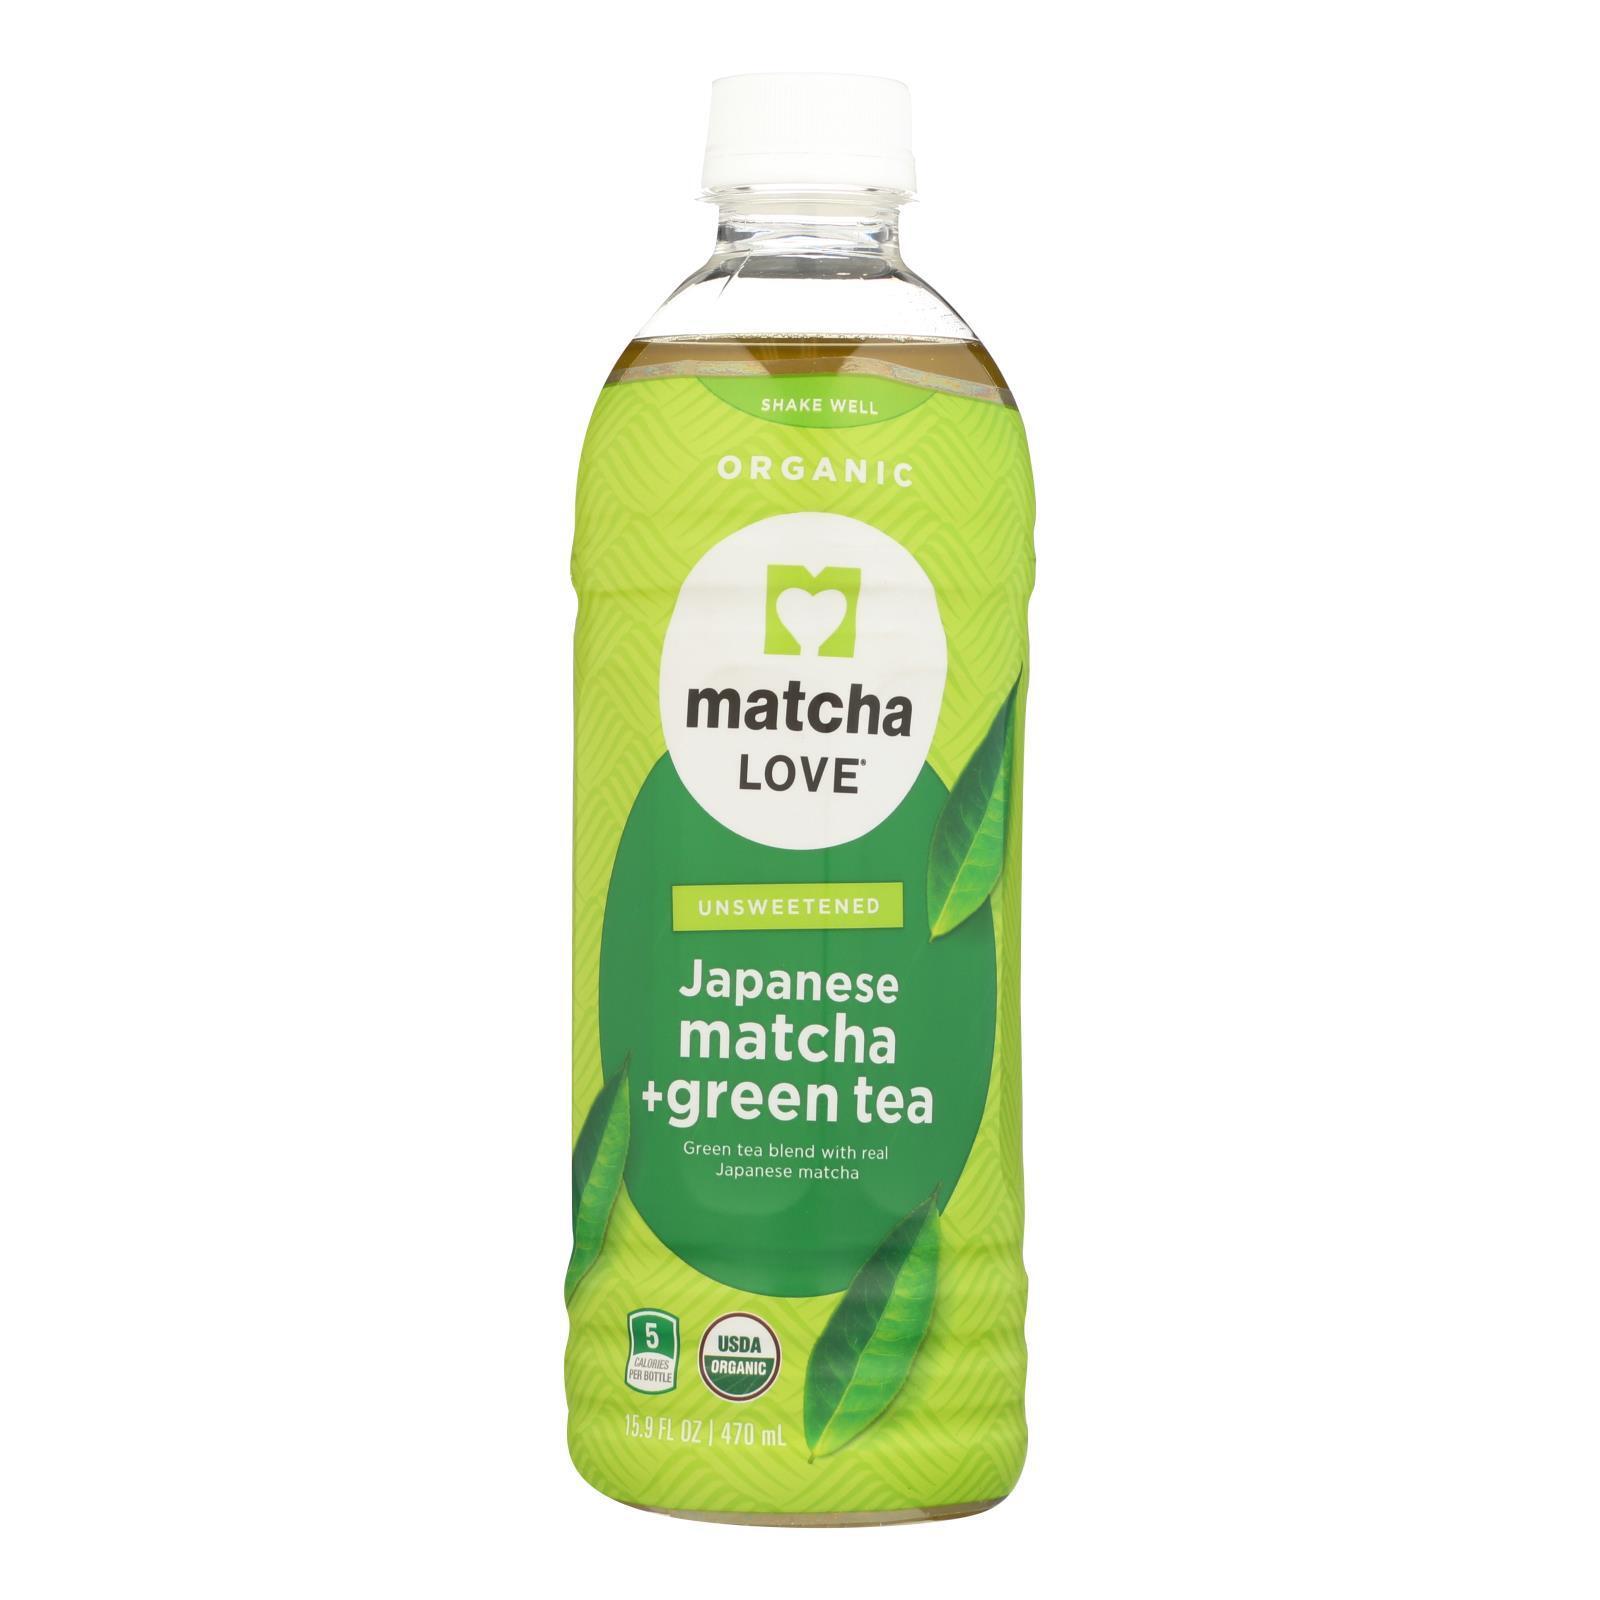 Matcha Love Drnk - Organic - Matcha Green Tea - Case of 12 - 15.9 fl oz